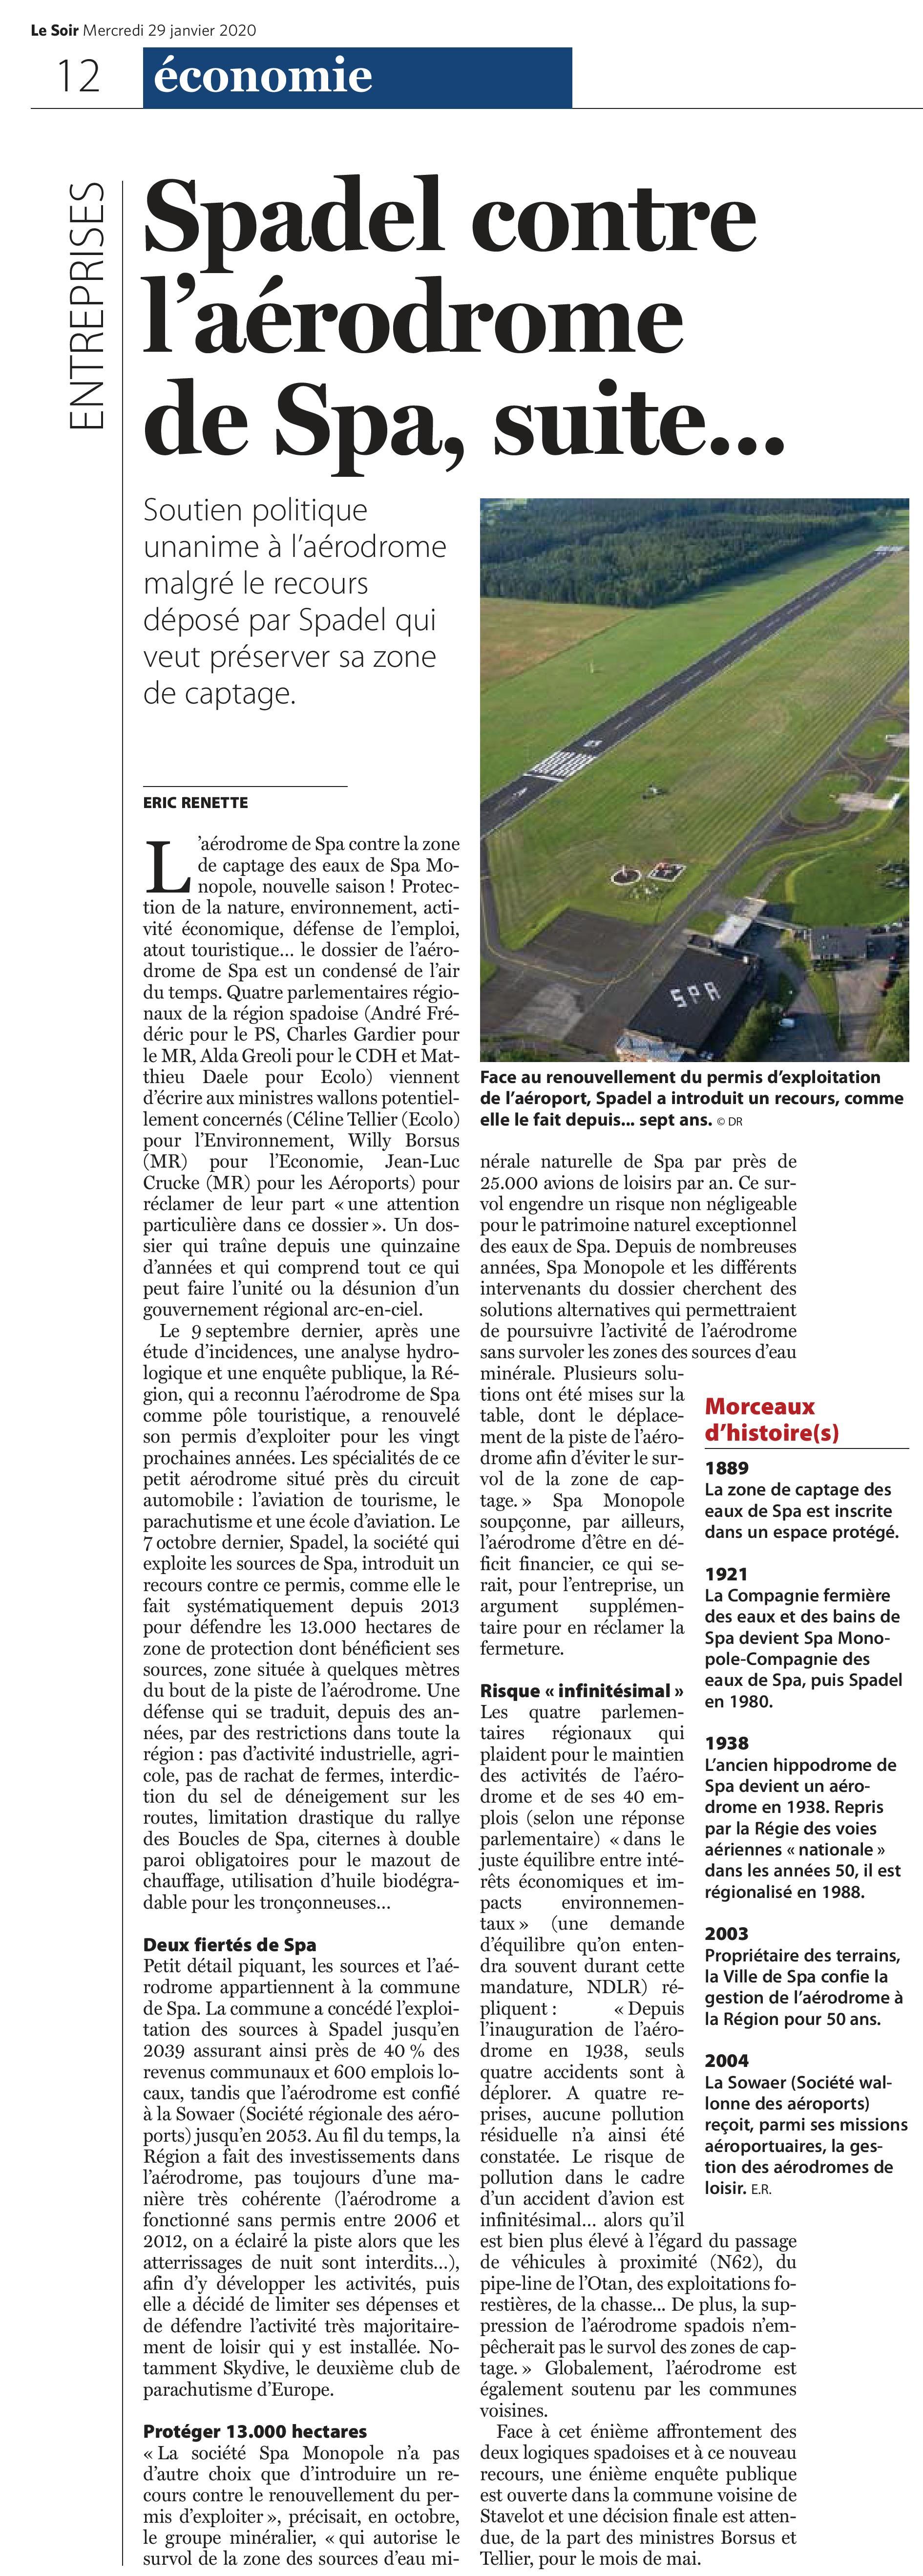 presse_du_20200129